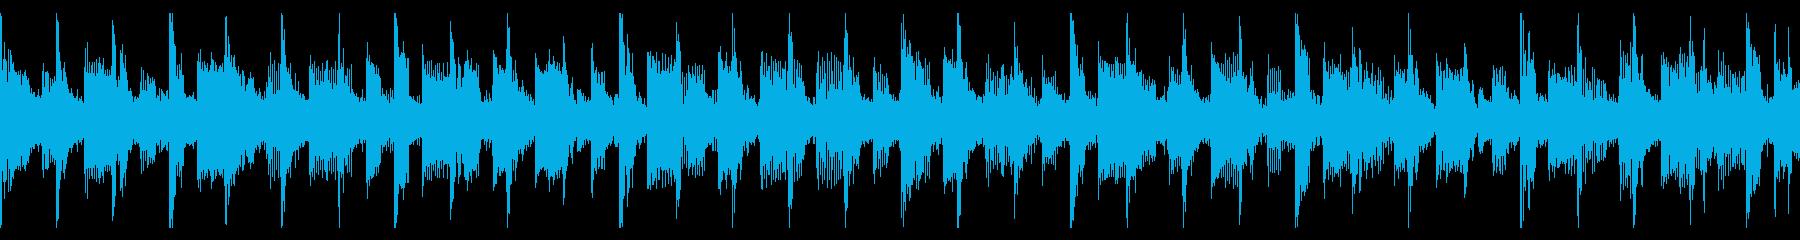 シンセウェイヴ 80'sのループの再生済みの波形